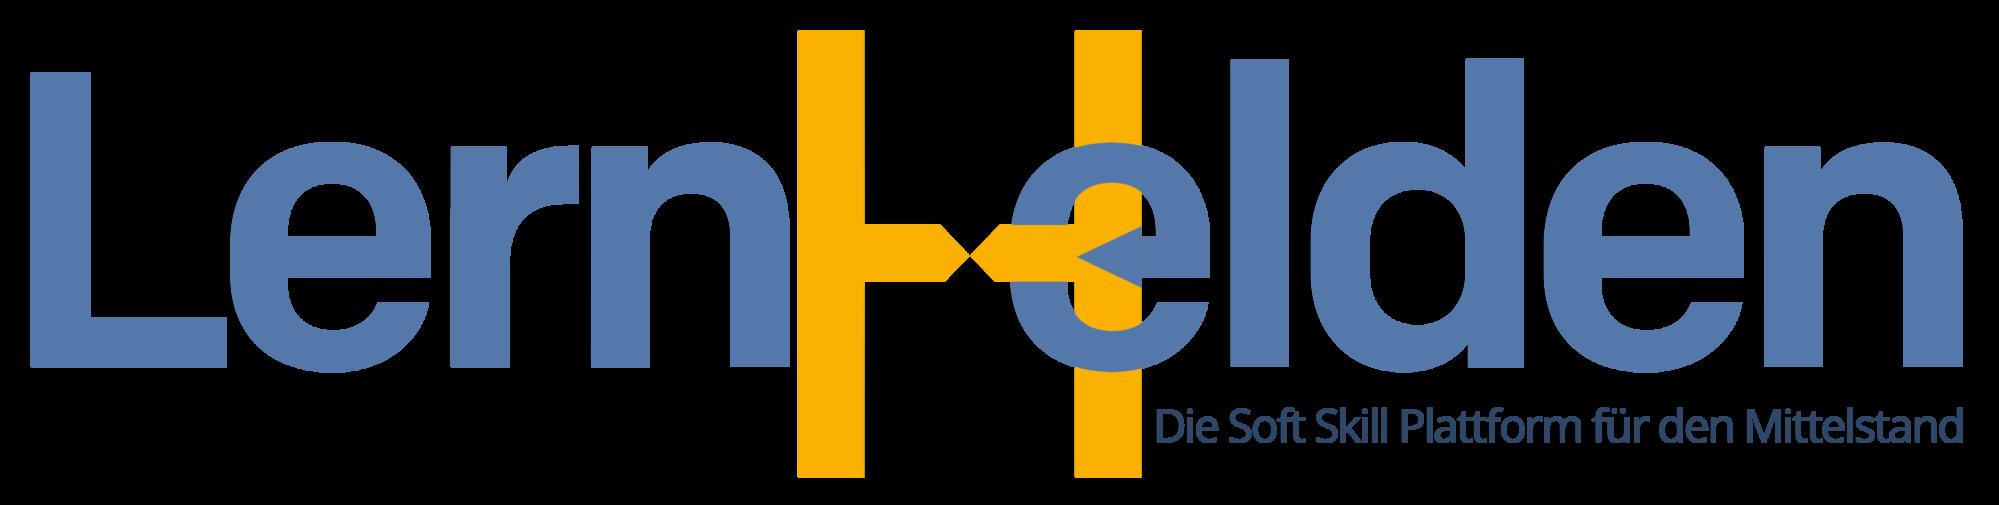 LernHelden.online Logo steht für die LernHelden.online Marke der Pischel/Lang GbR